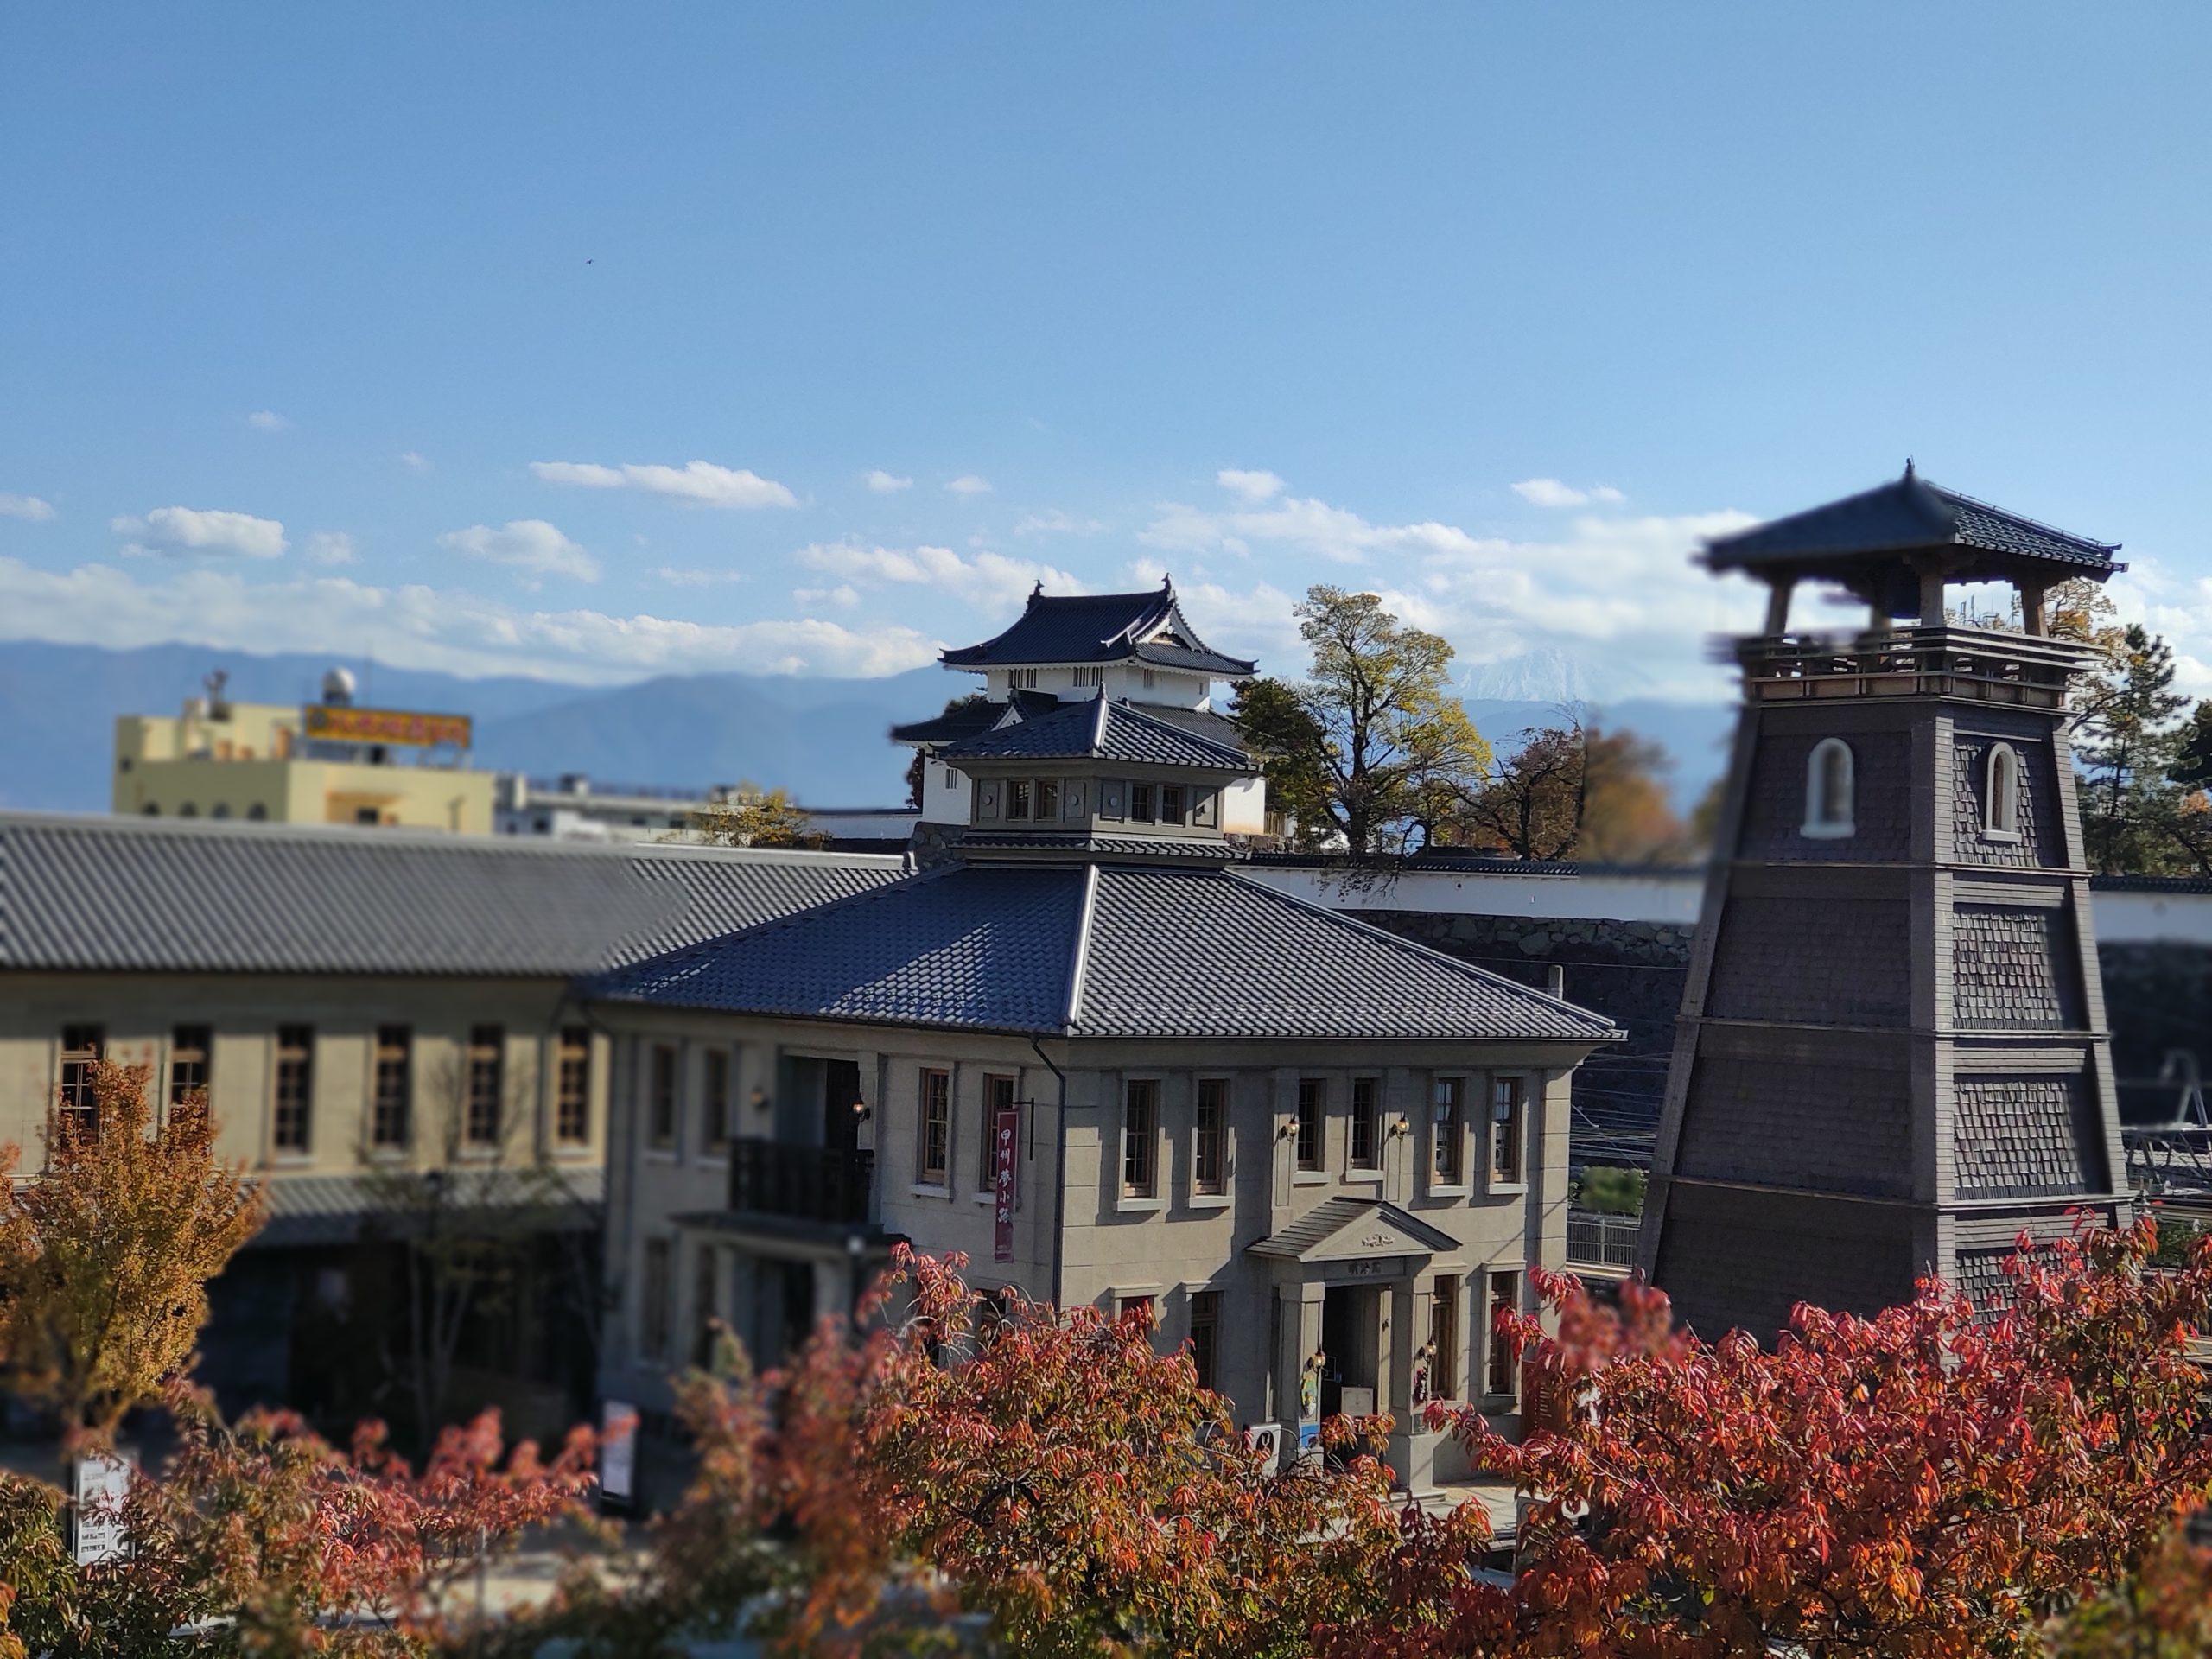 [Review] Kofu Castle @ Kofu, Japan